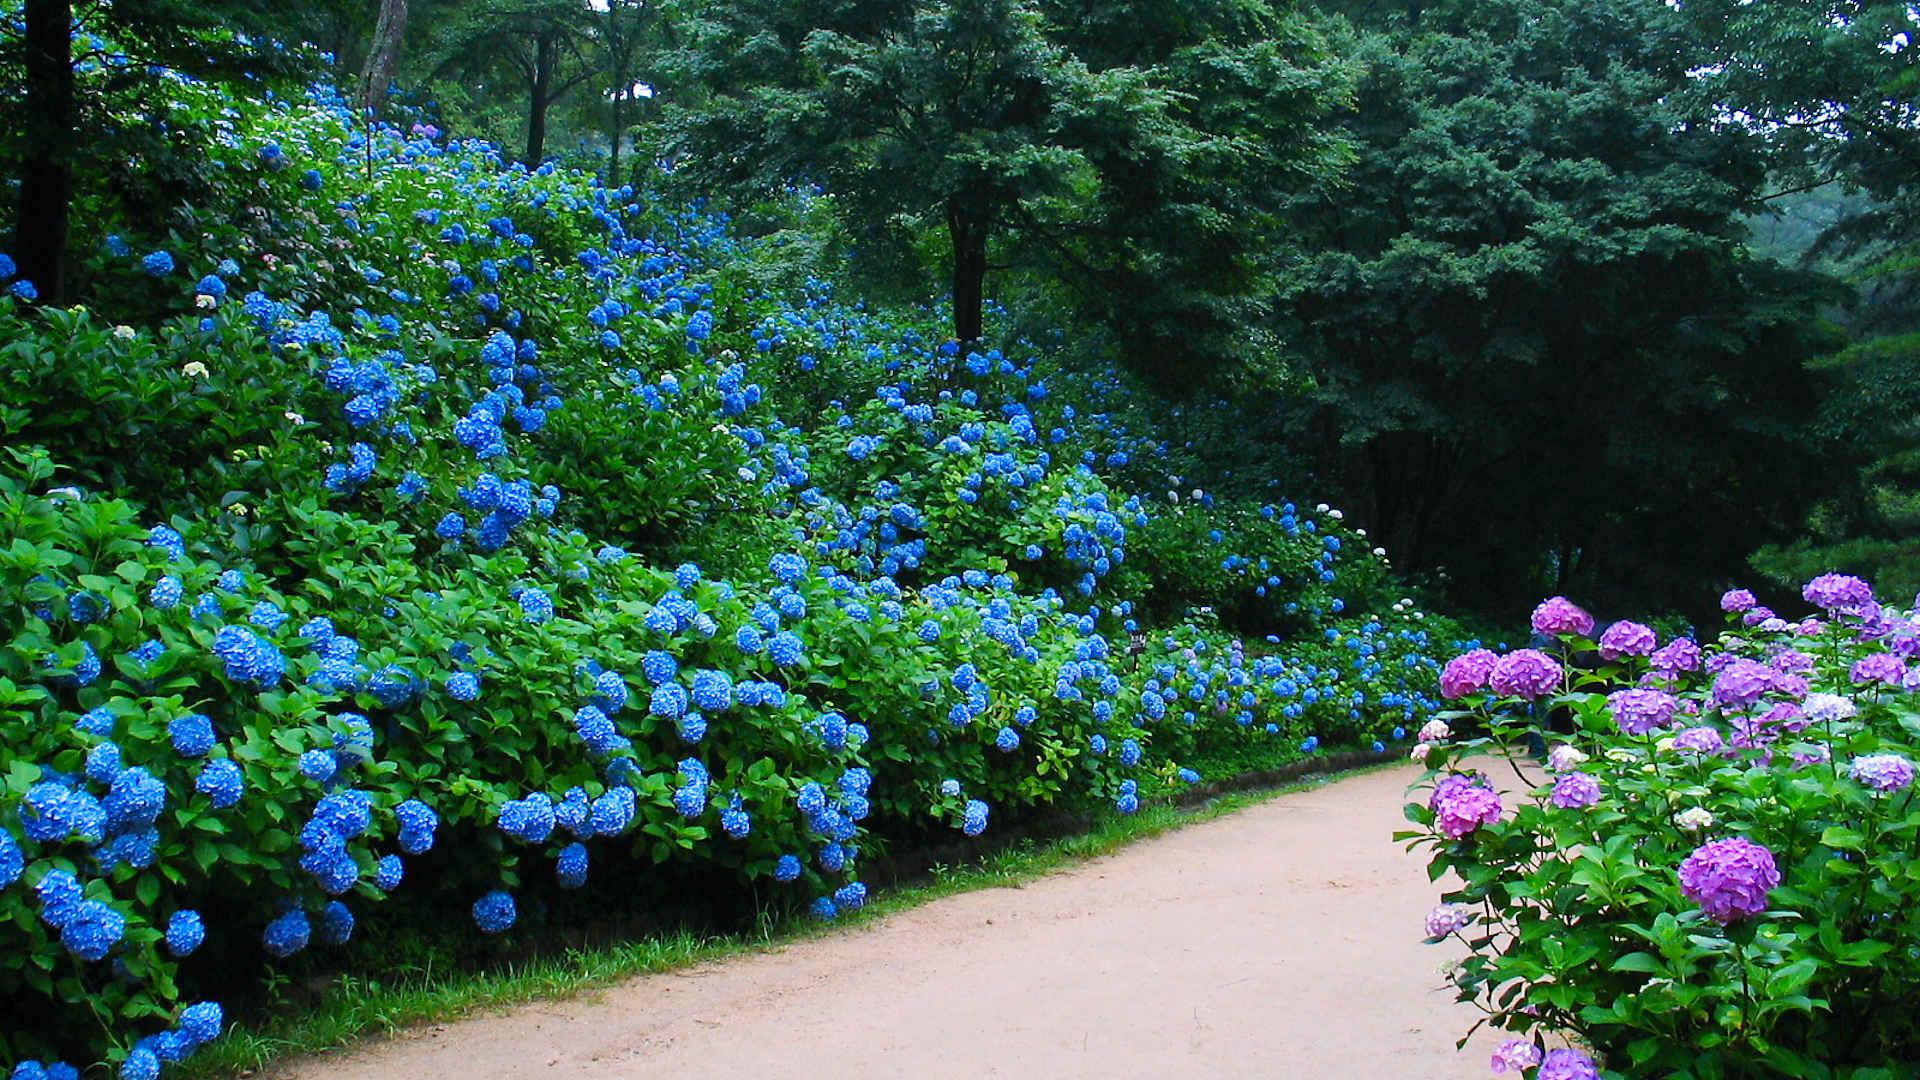 森林植物園のあじさい 森の中のあじさい散策